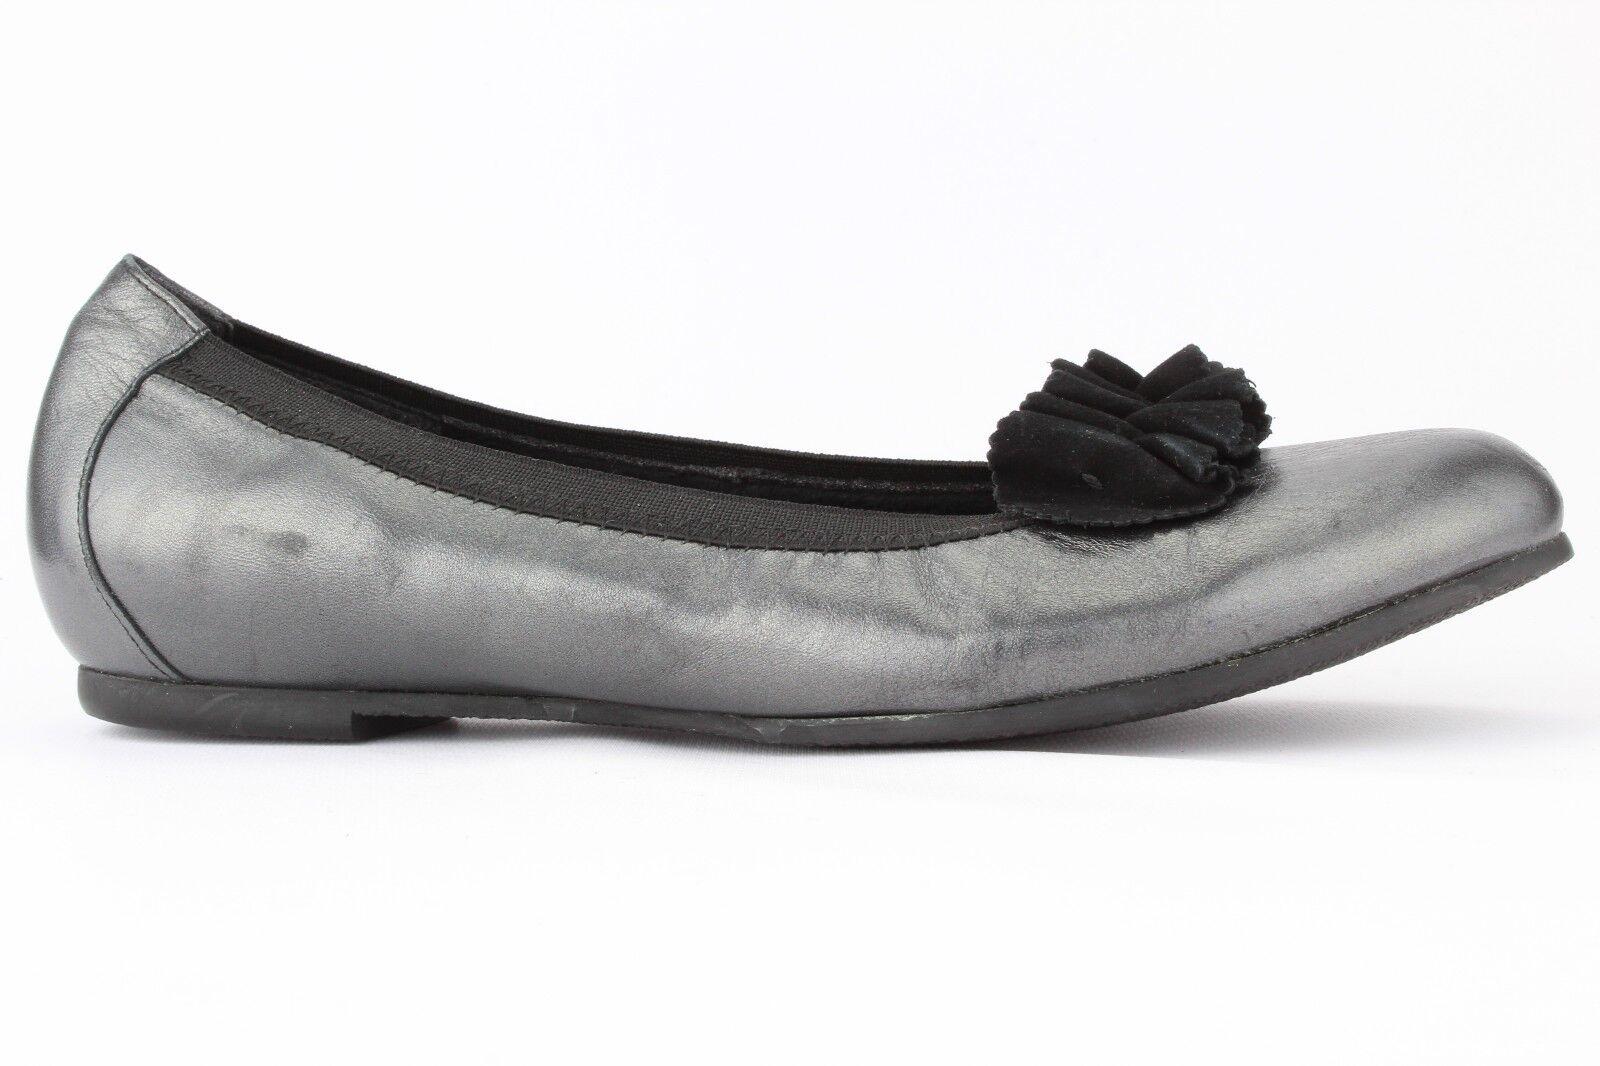 Munro American Women's Pewter Metallic Black Leather Merrie Ballet Flat Size 9M